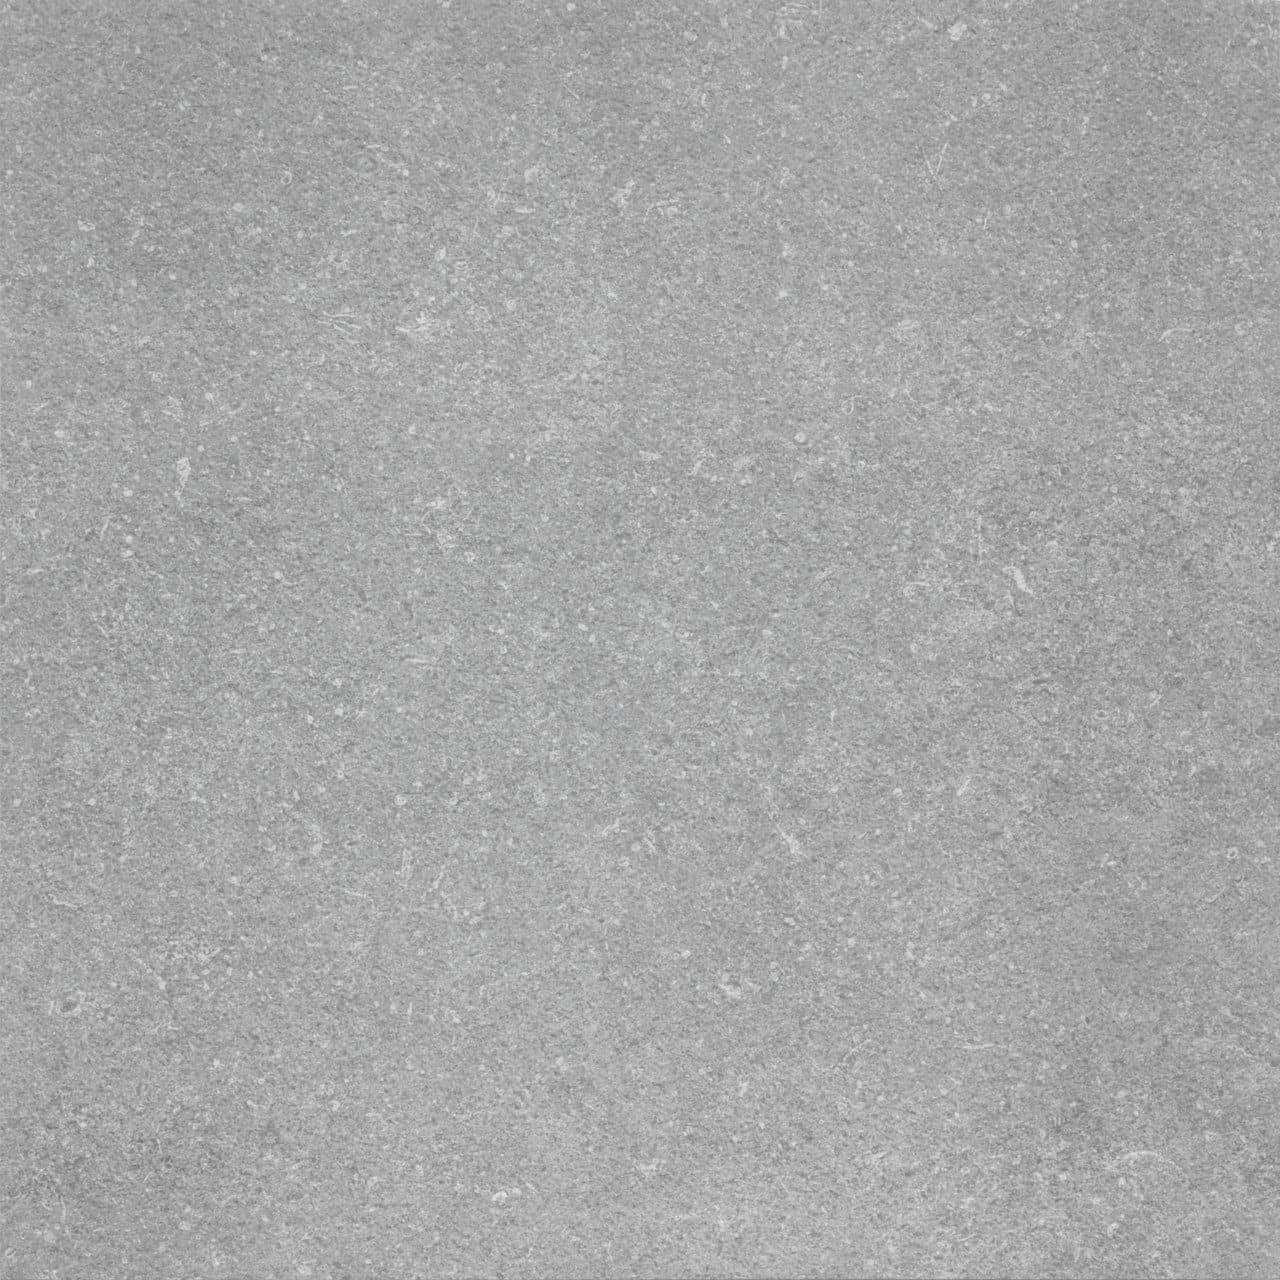 Geoceramica Belgium Blue Stone Light Grey